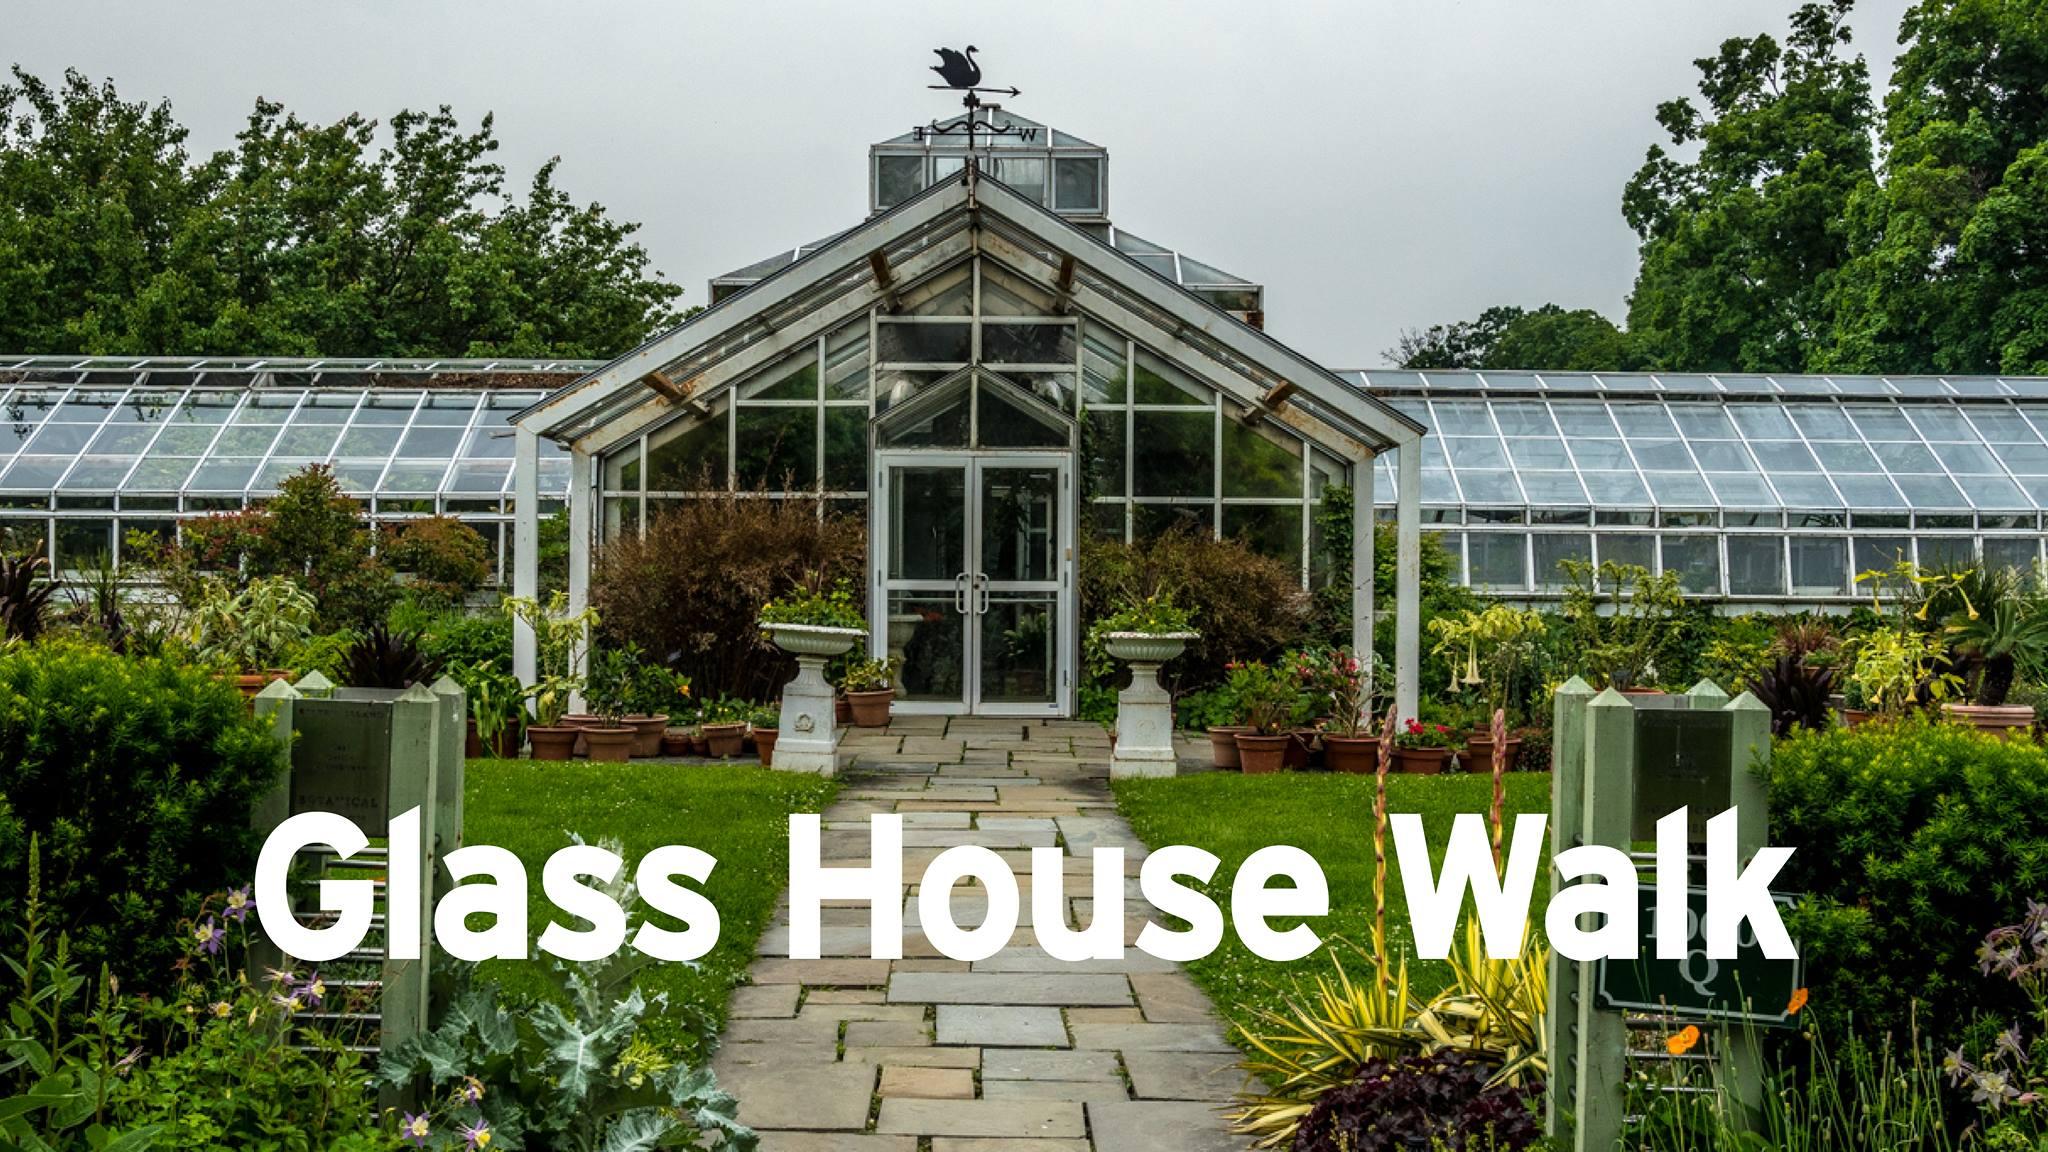 Glass House Walk.jpg